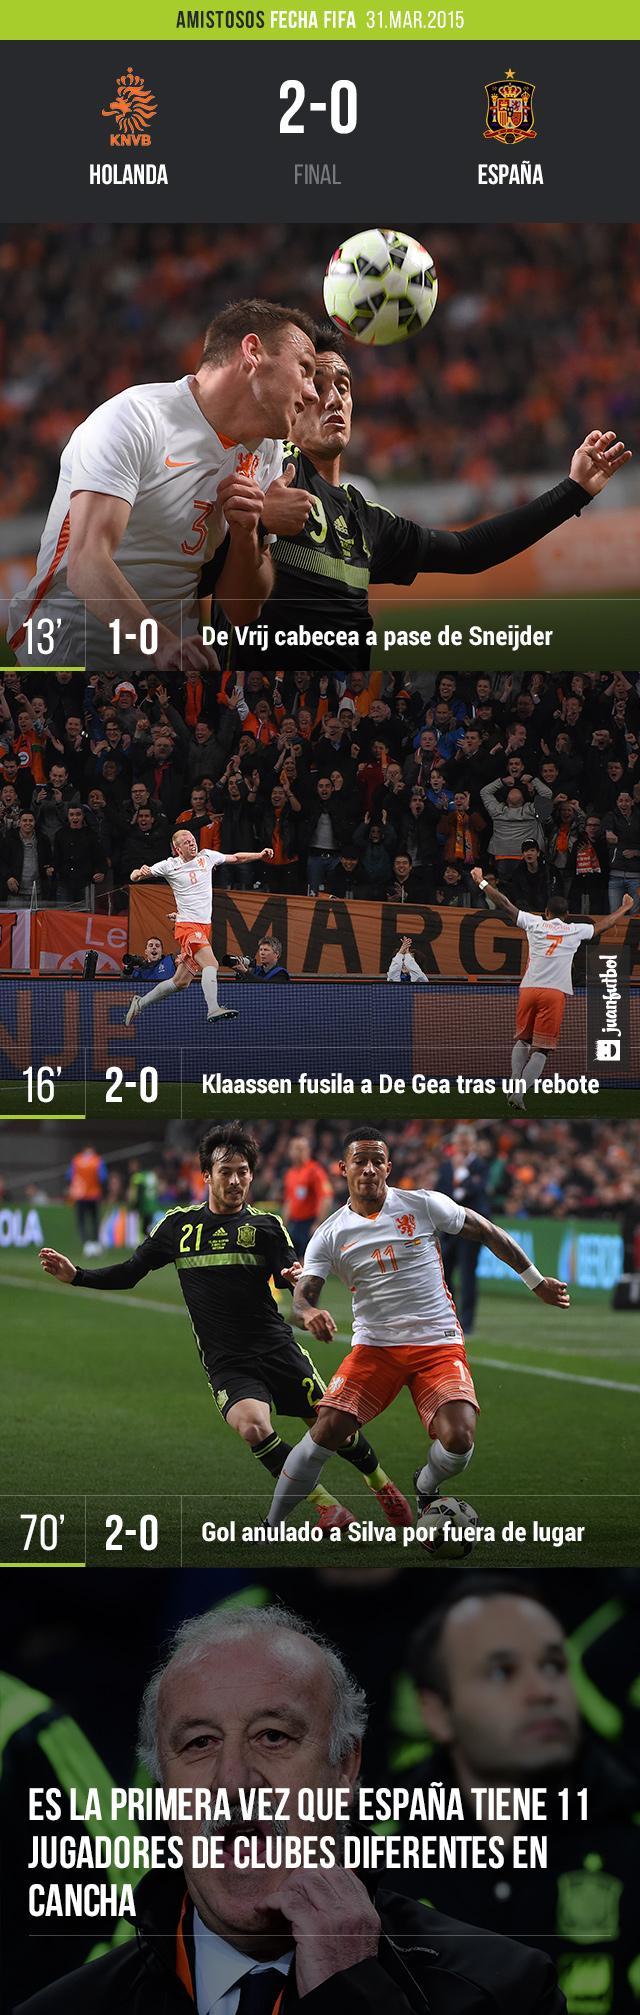 España pierde frente a Holanda 2-0 en el Amsterdam Arena, con goles de De Vrij y Klaassen.